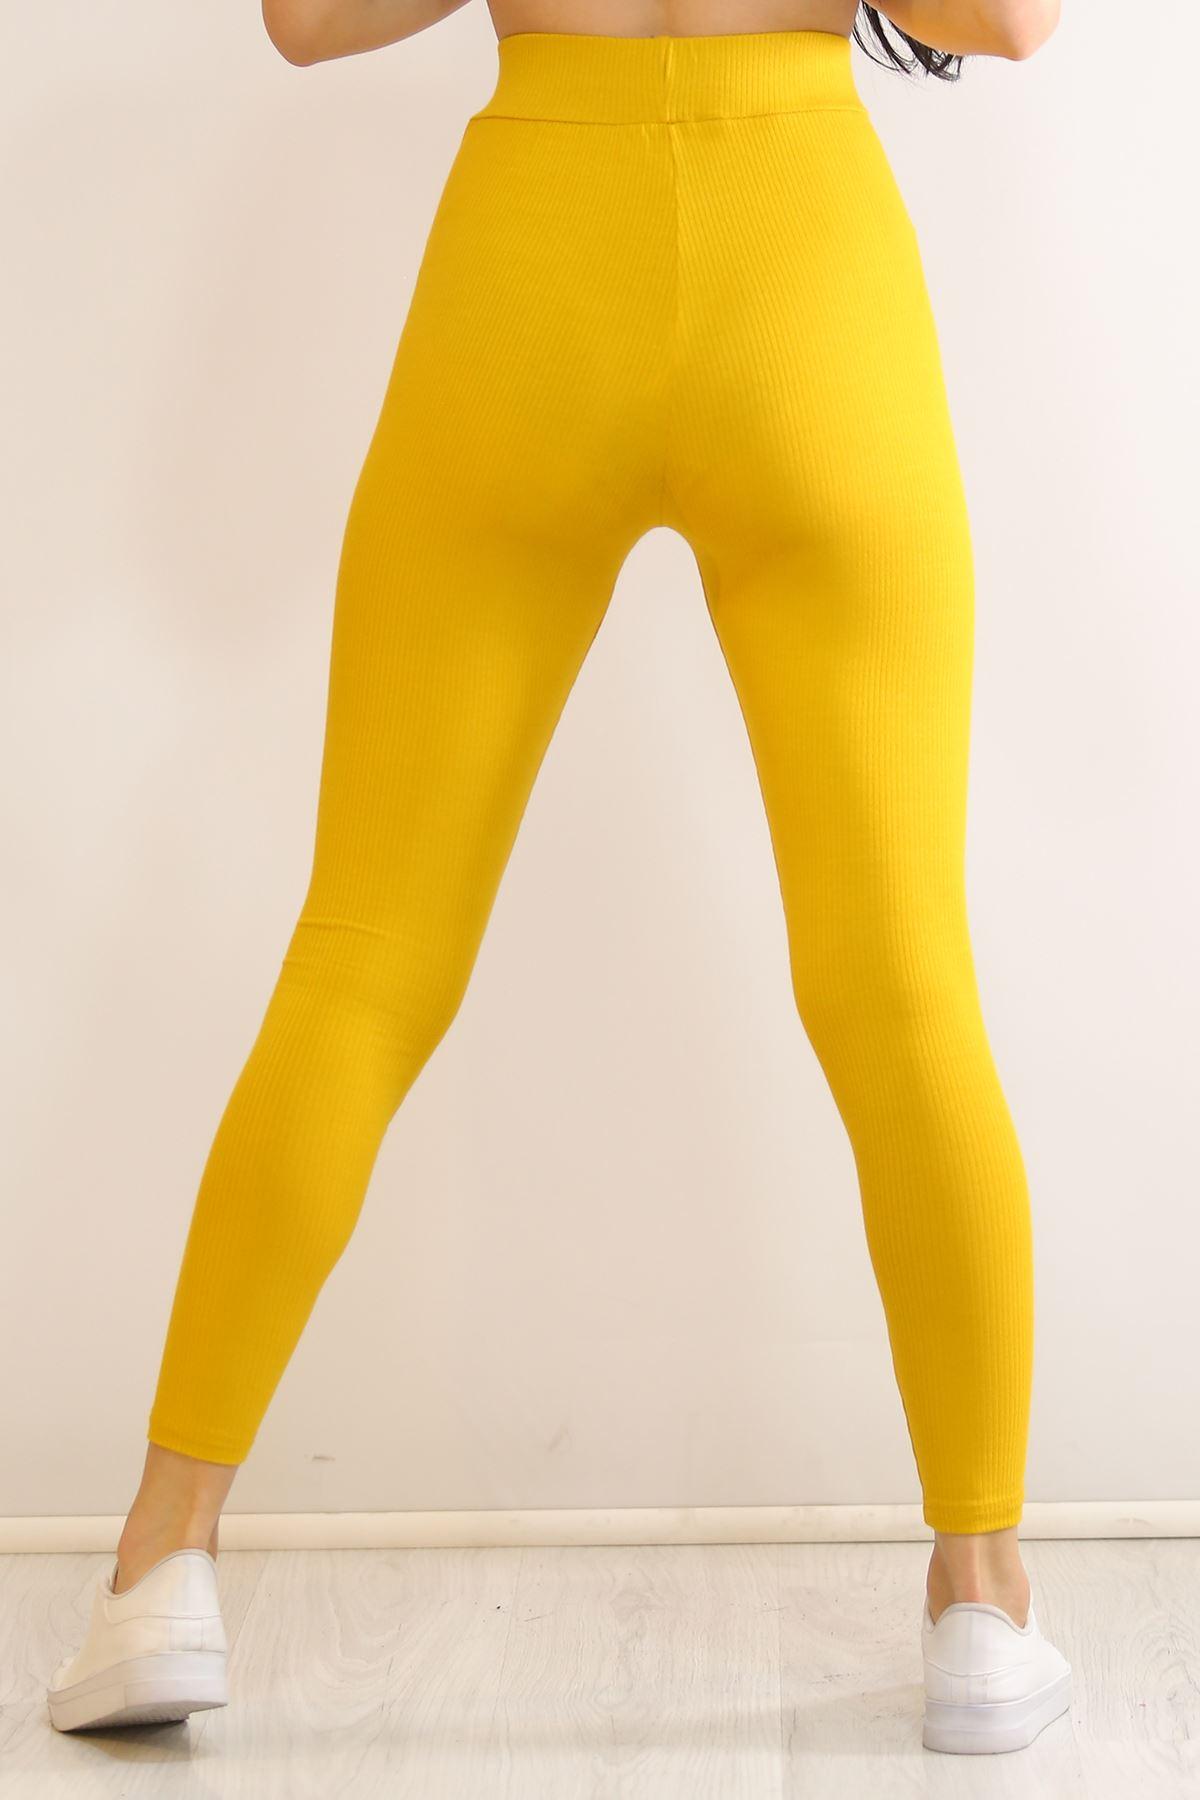 Kaşkorse Tayt Sarı - 5808.1247.